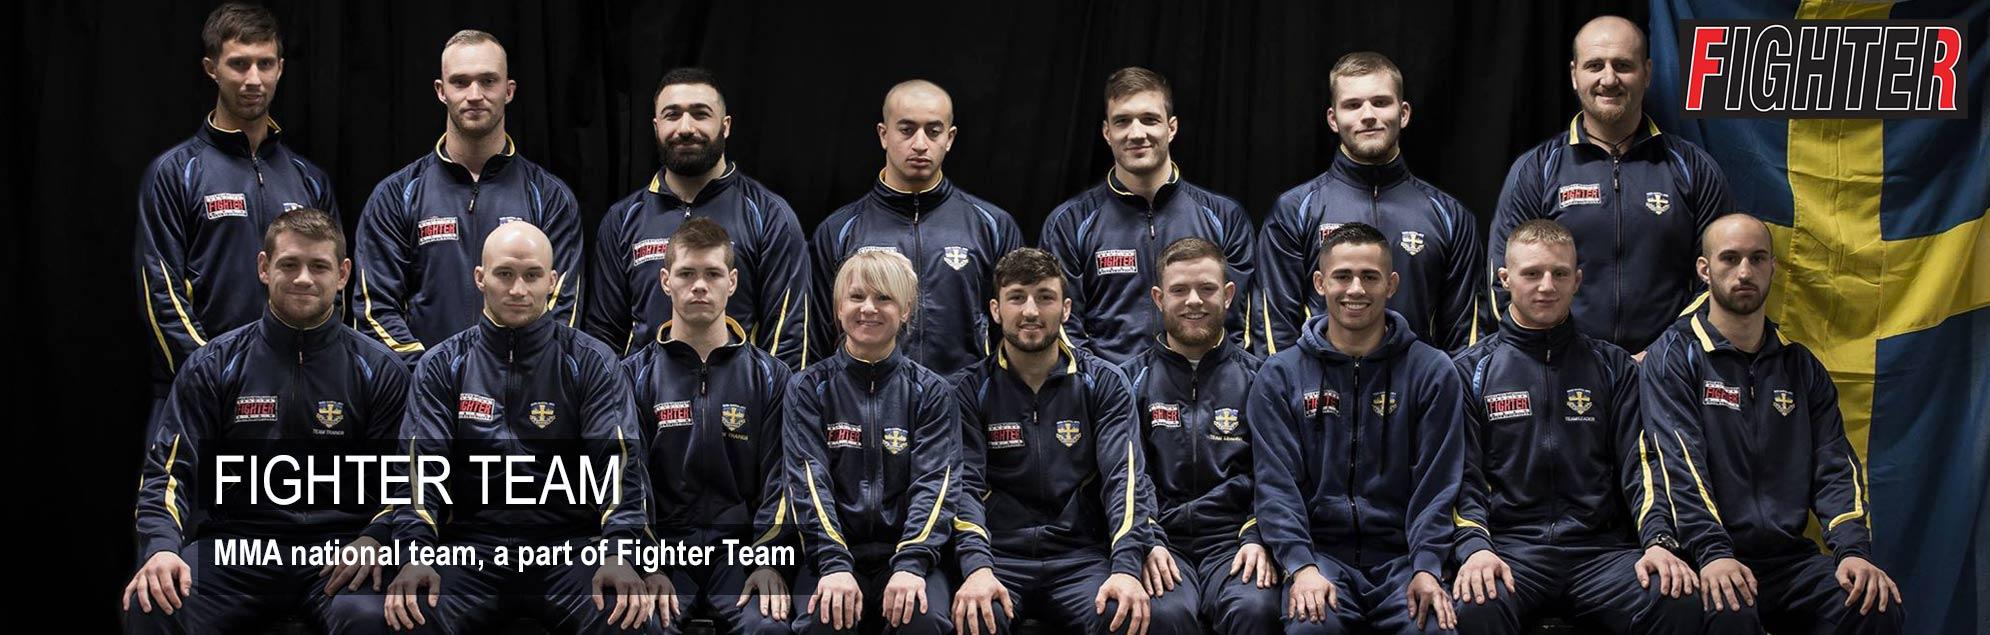 Fighter Team MMA landslaget